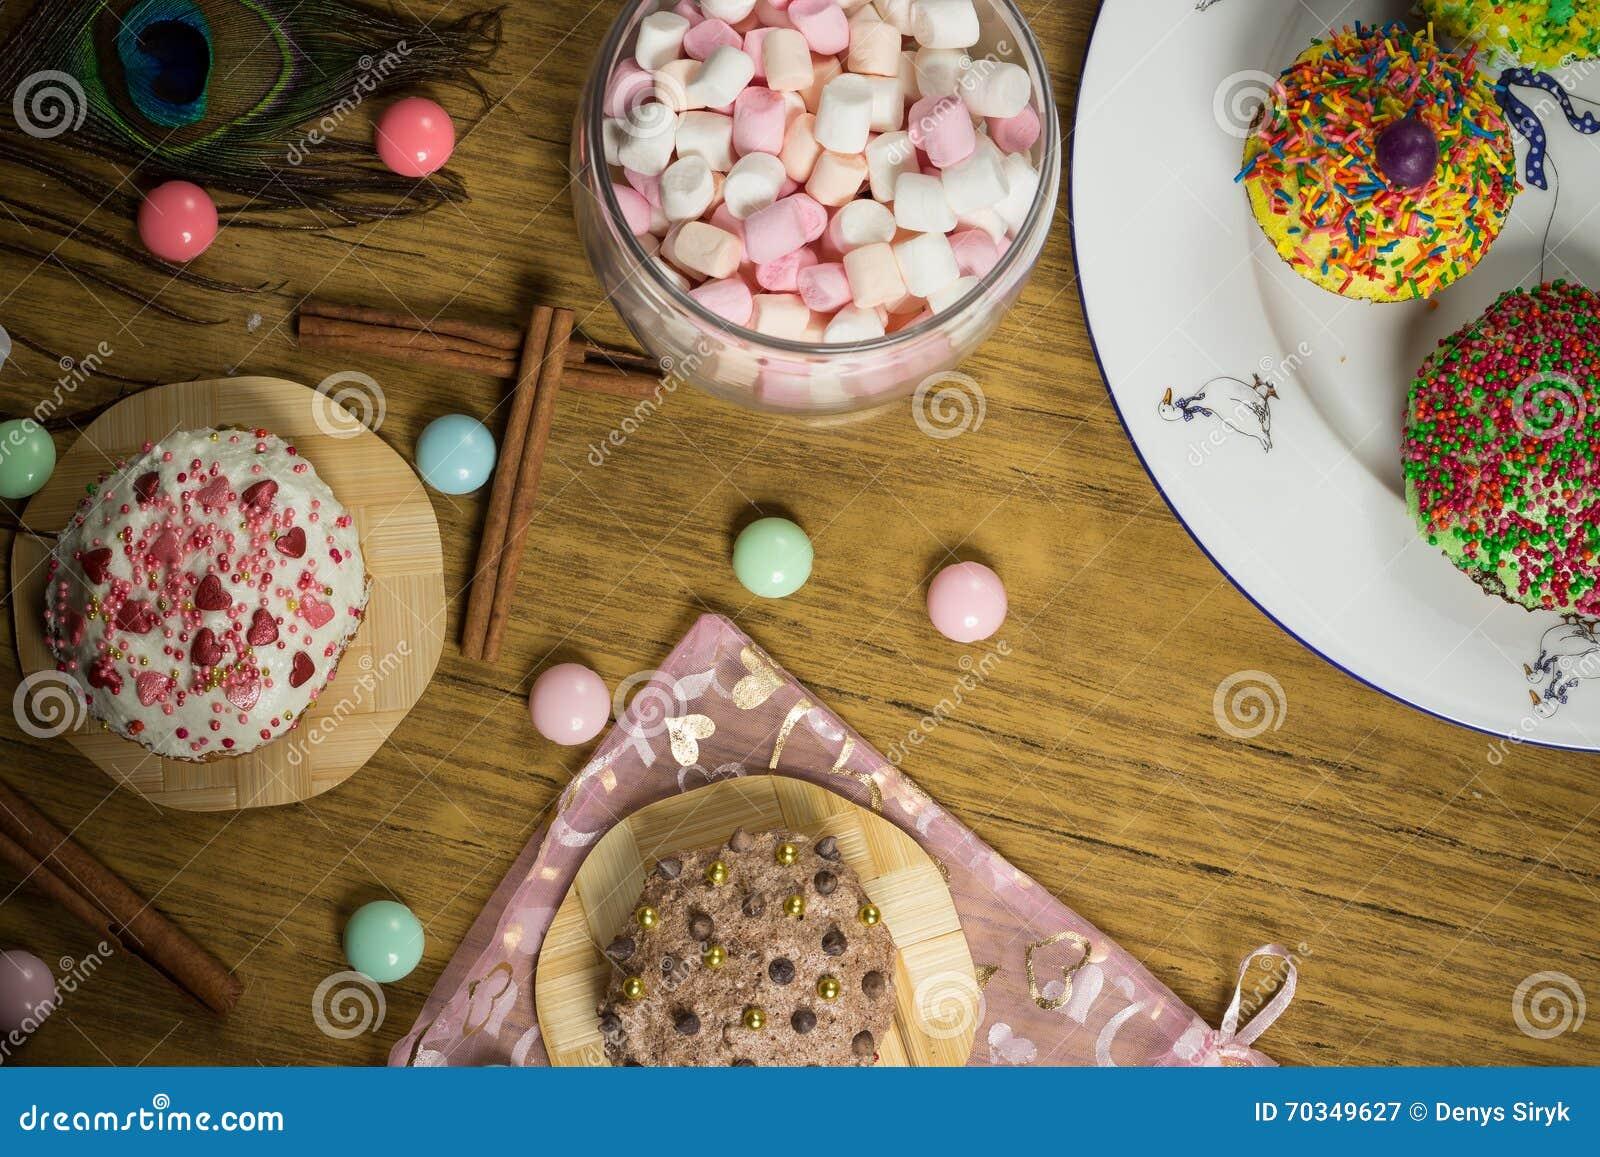 Feiern Des Eibisches Kuchen Sussigkeiten Fruchttee Auf Holztisch